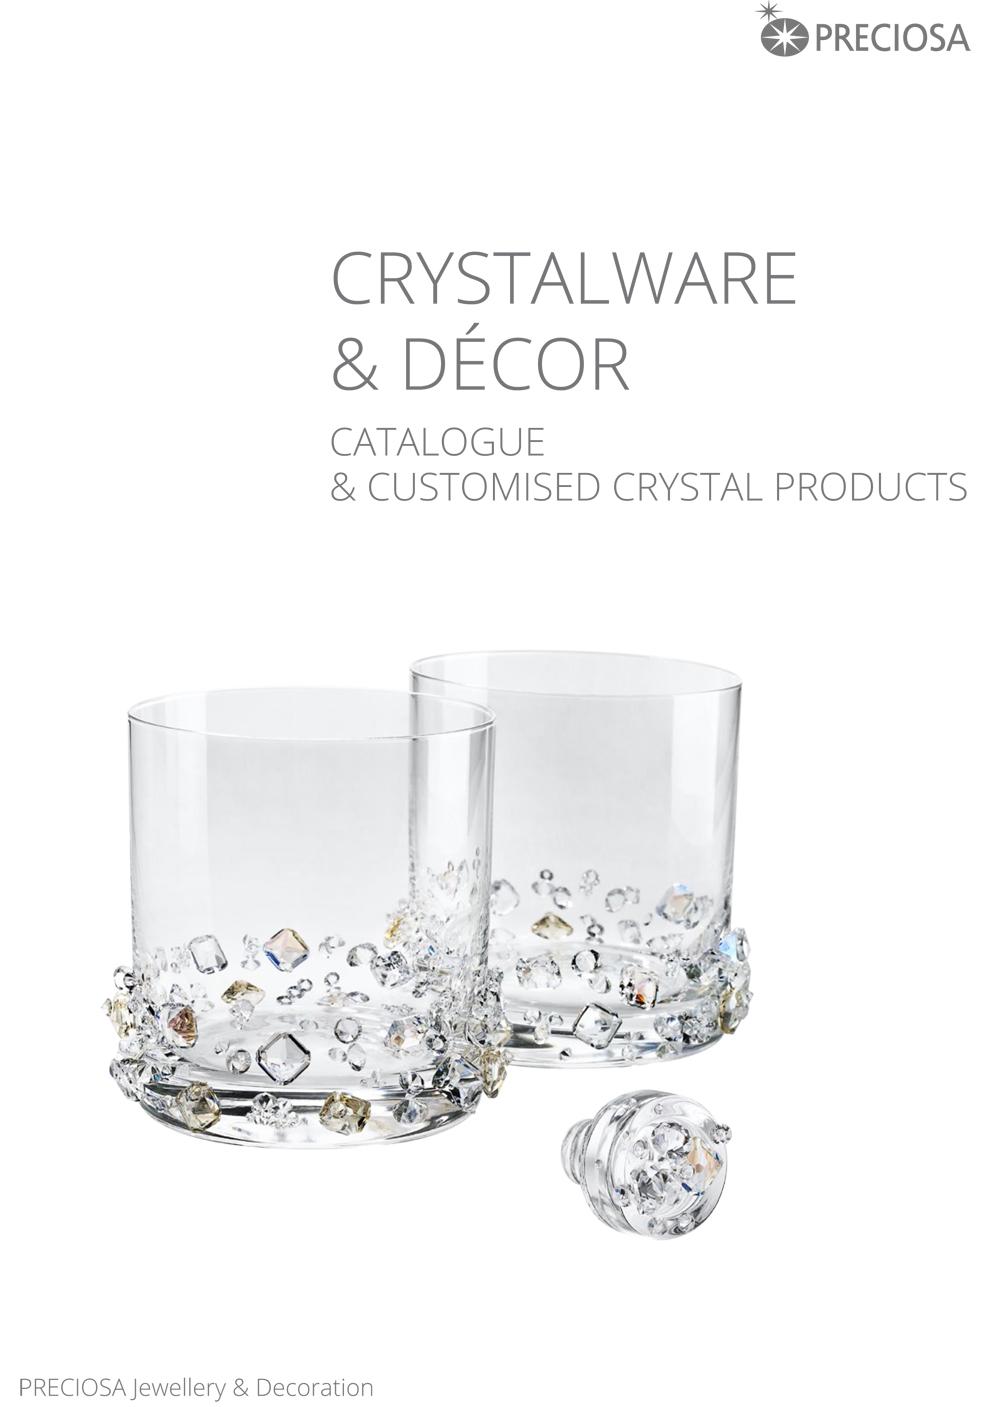 Catalogue Crystalware & Décor - Catalogue 2016